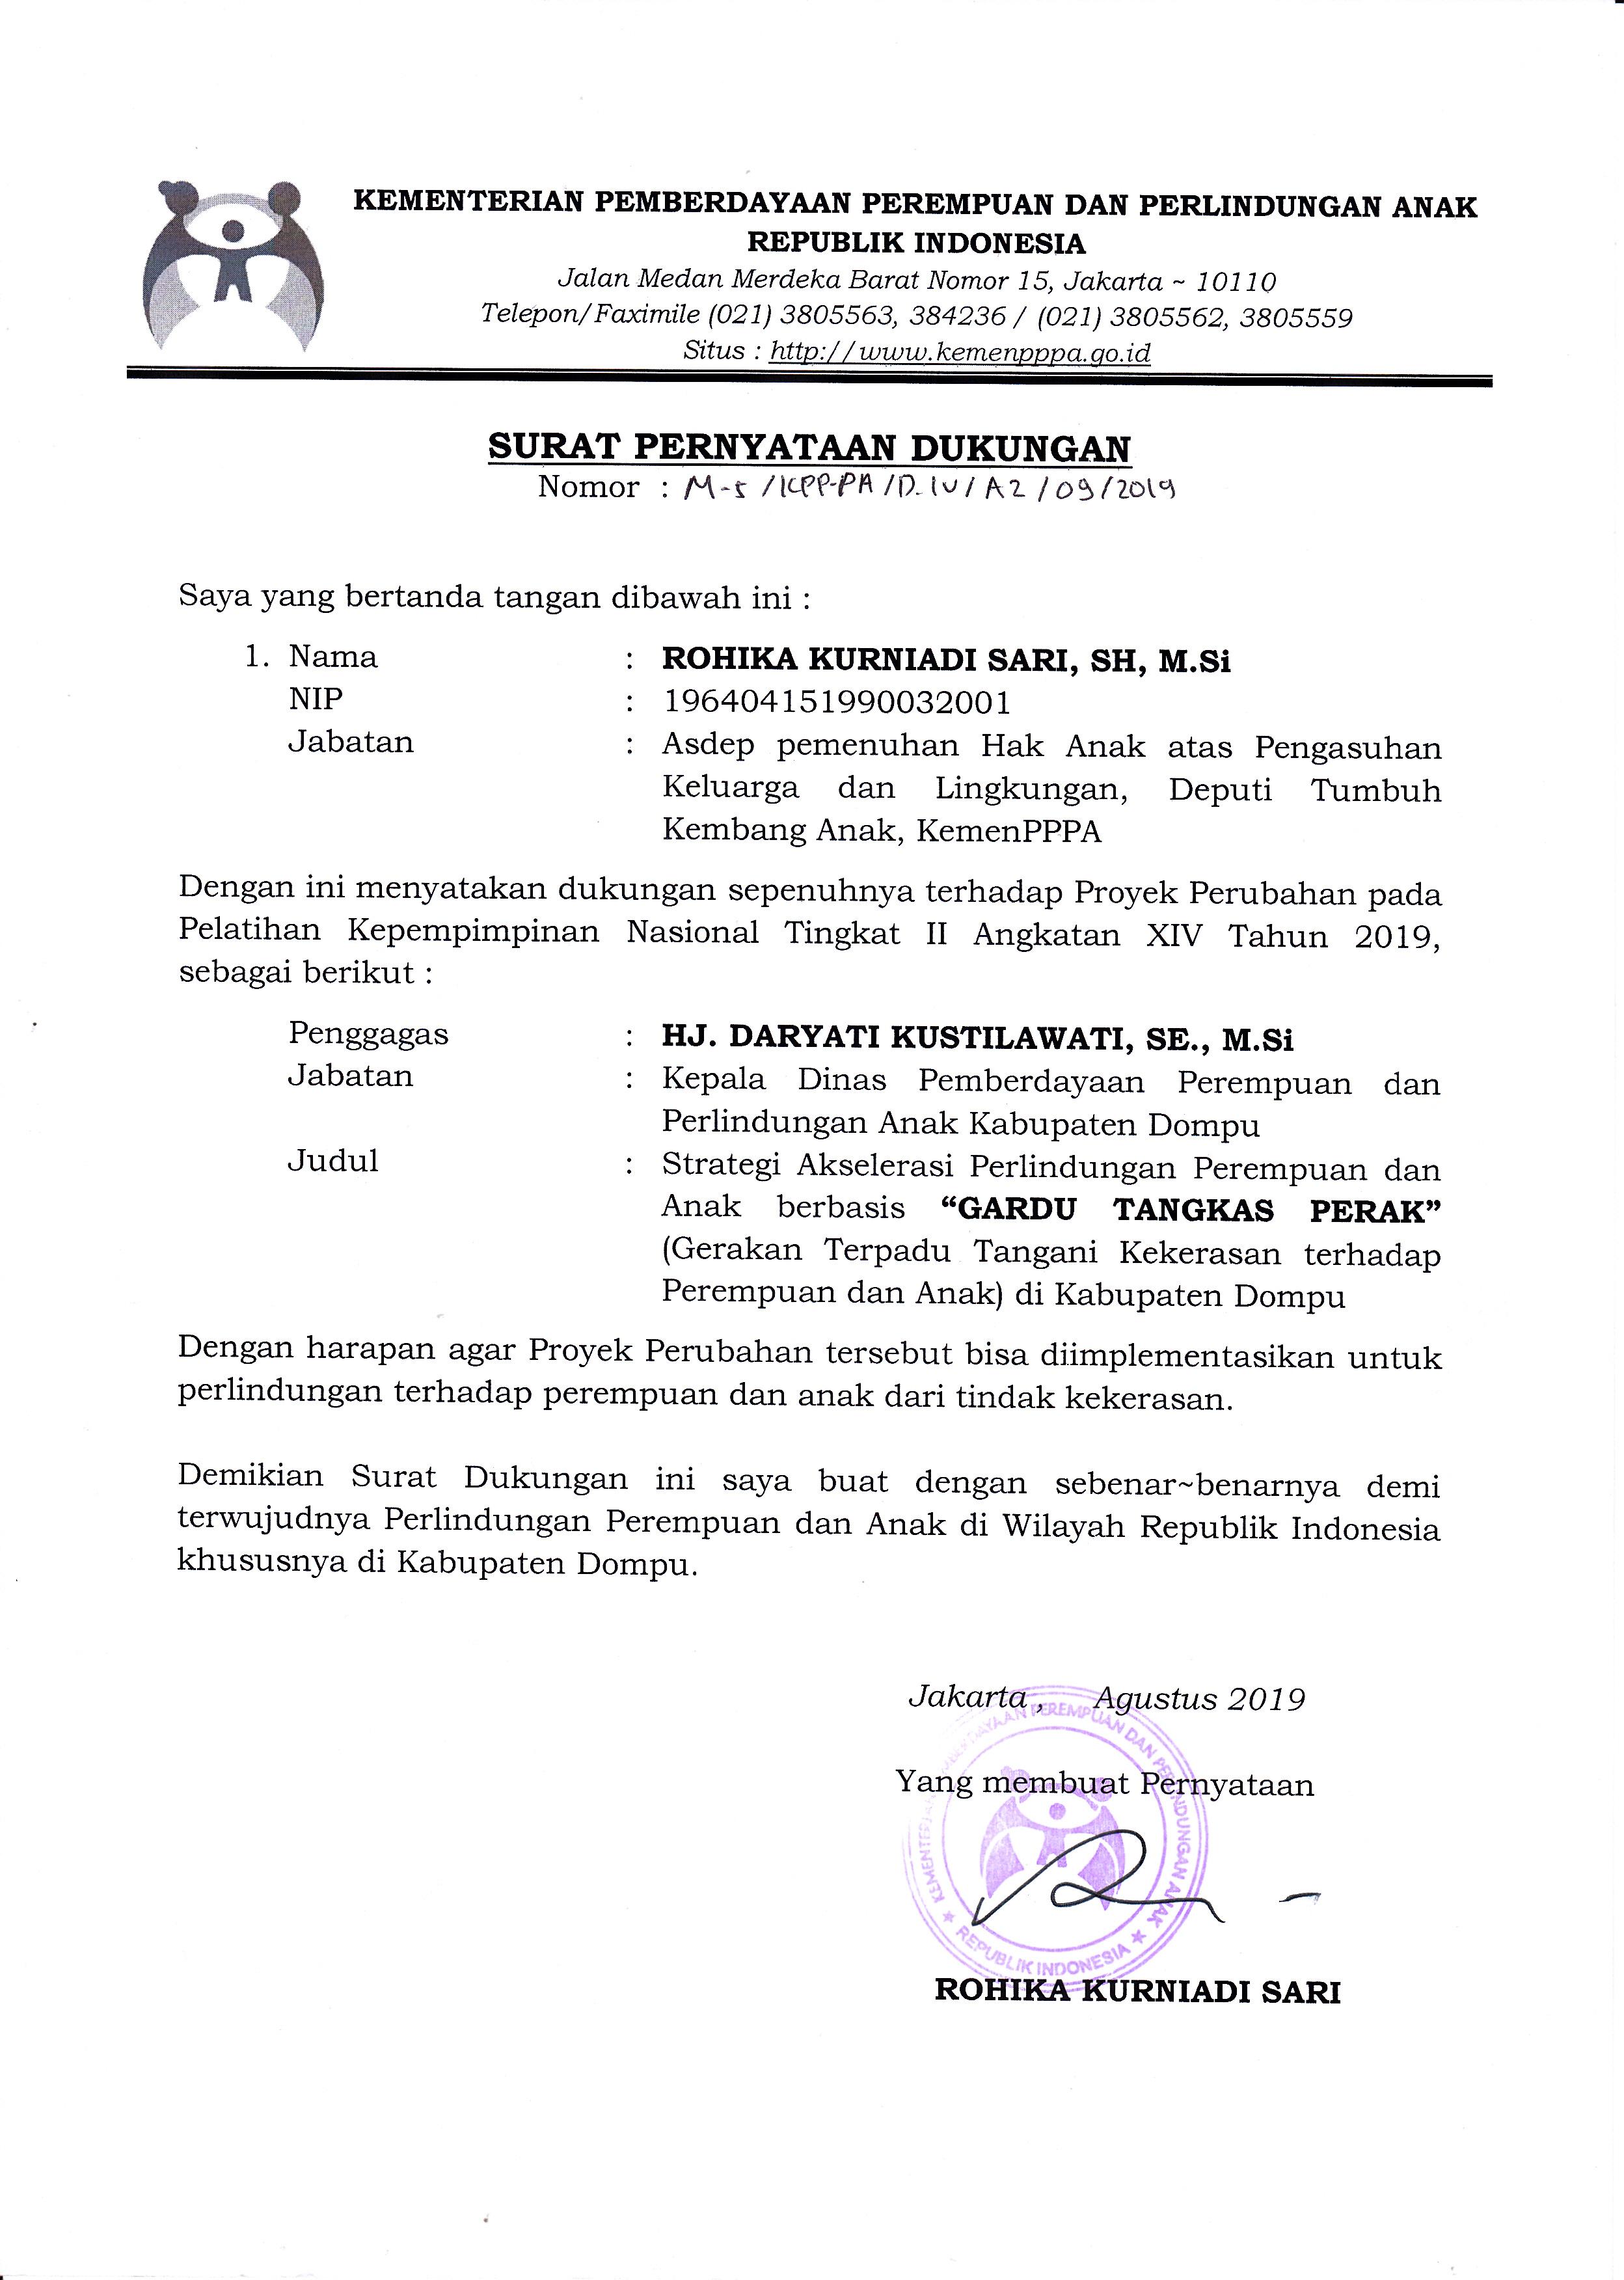 Surat Pernyataan Dukungan Asdep Pha Kemen Pppa Kla